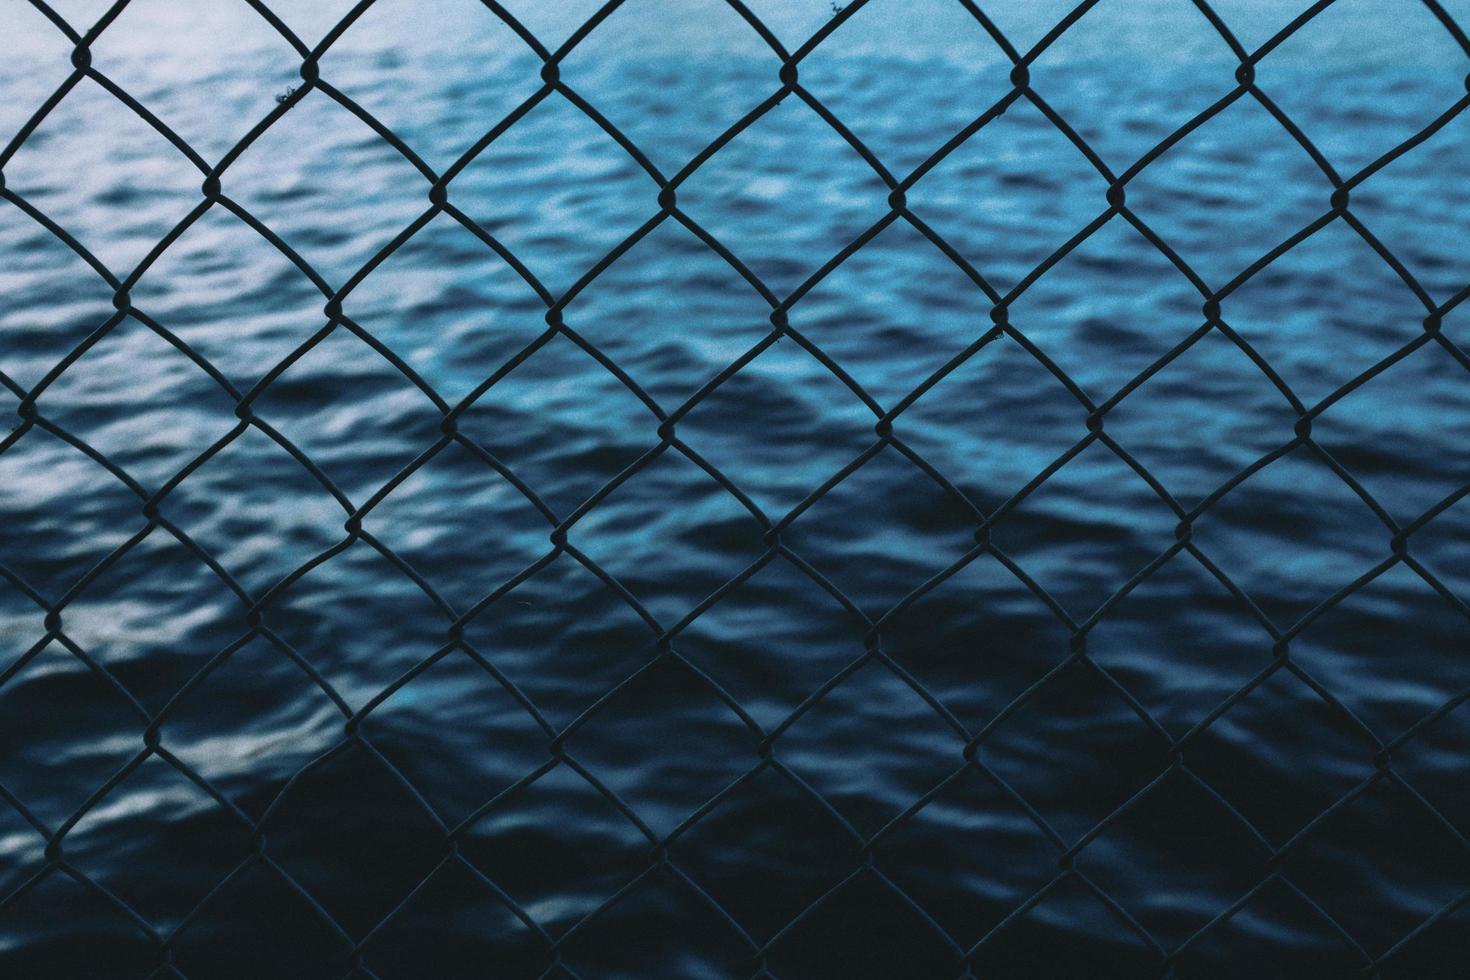 agua detrás de la cerca de alambre foto